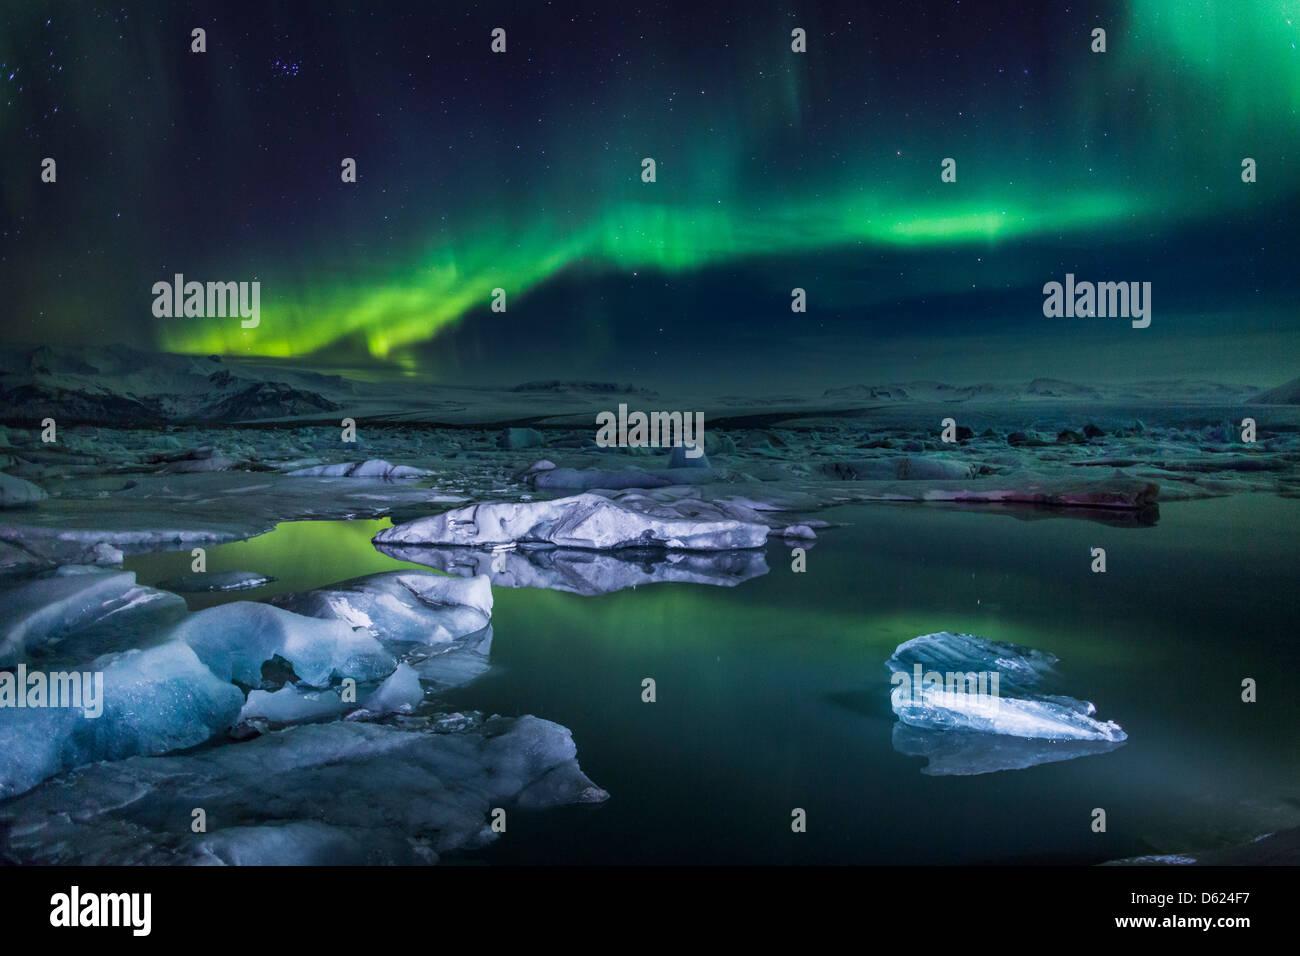 La Aurora Boreal o luces del norte al Jokulsarlon, Breidarmerkurjokull casquete glaciar Vatnajokull, Islandia Imagen De Stock